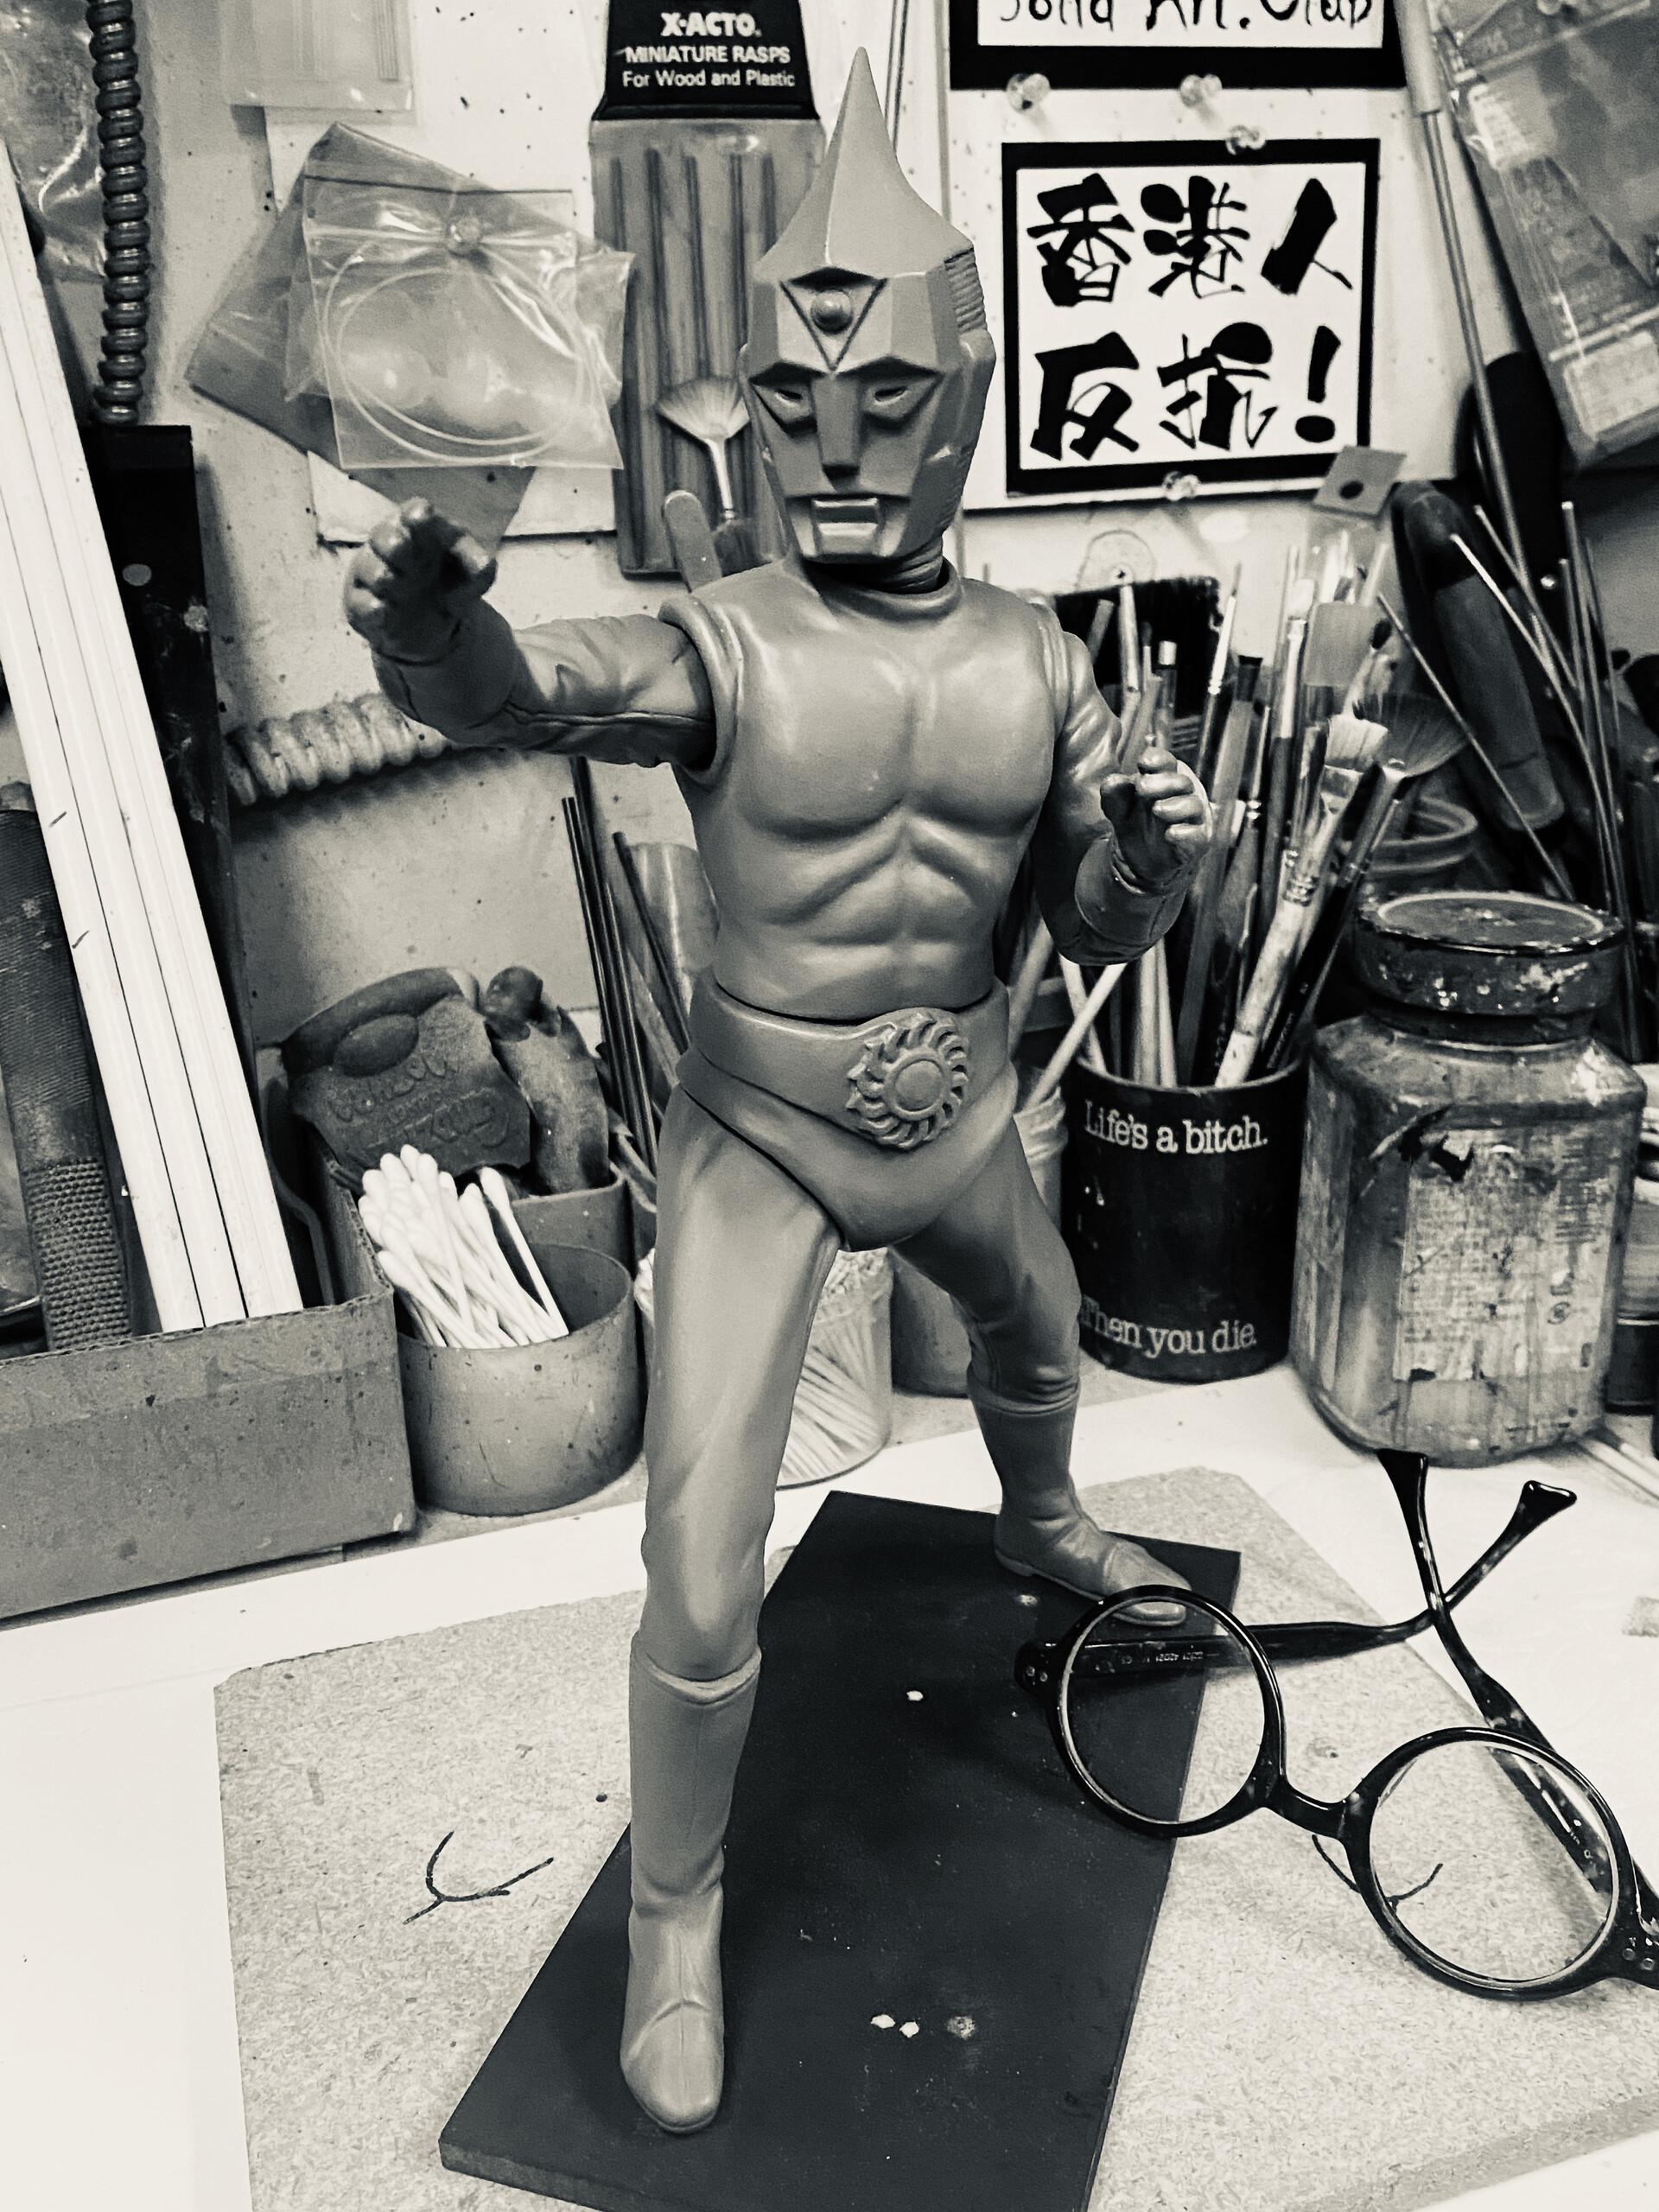 原型制作Robin Kwok: スペクトルマン 30 cm original sculpt 30 cm Spectreman in progress https://www.solidart.club/